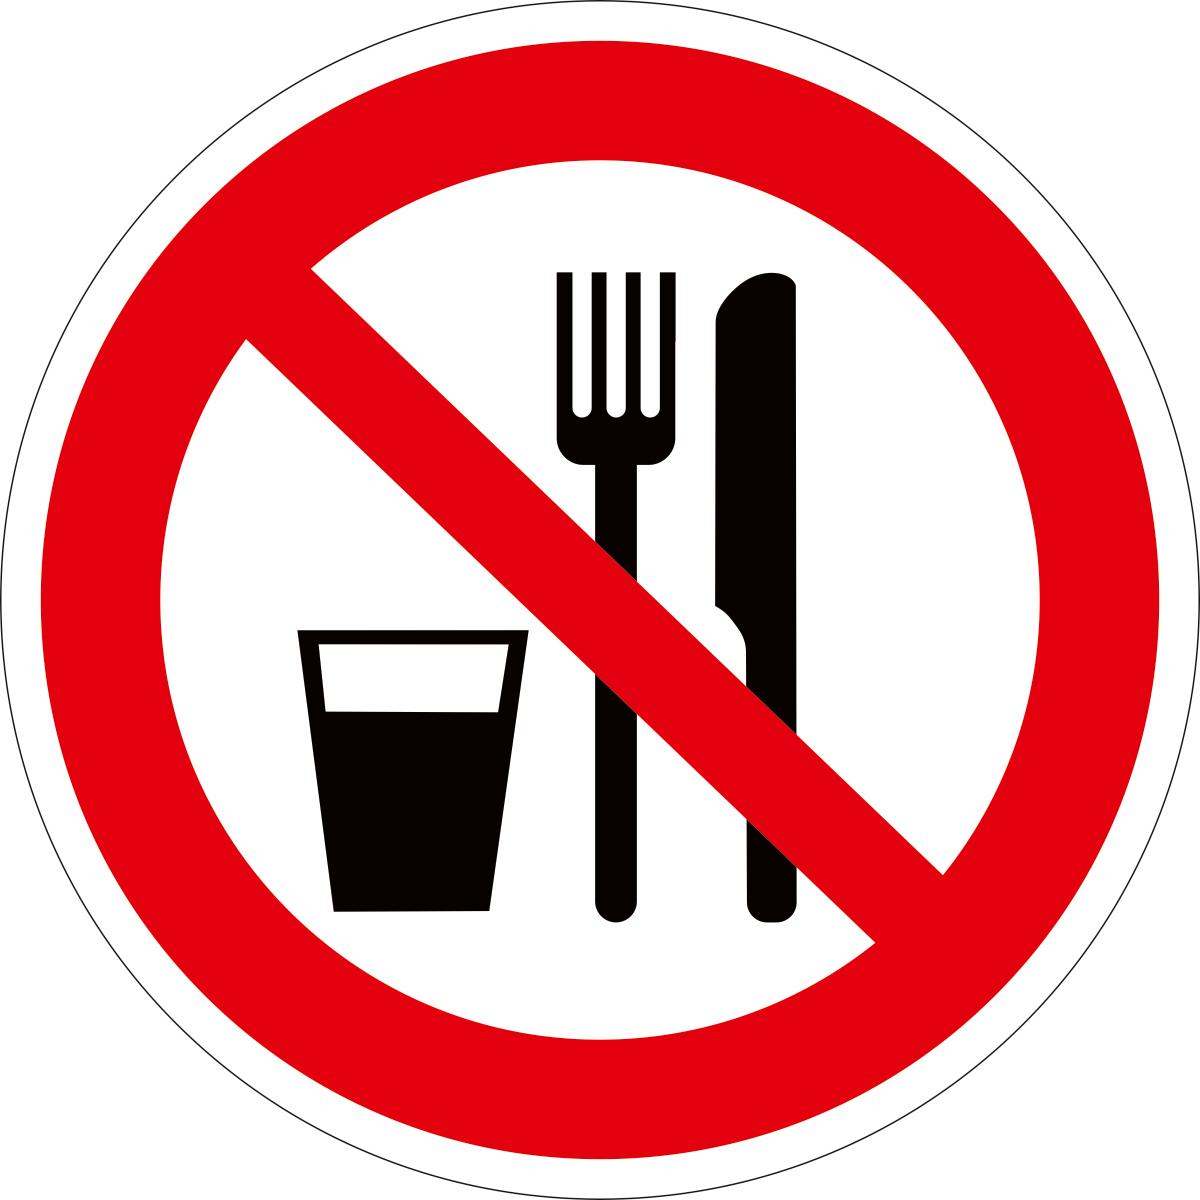 Наклейка информационная Оранжевый Слоник Запрещается принимать пищу, 15 х 15 см